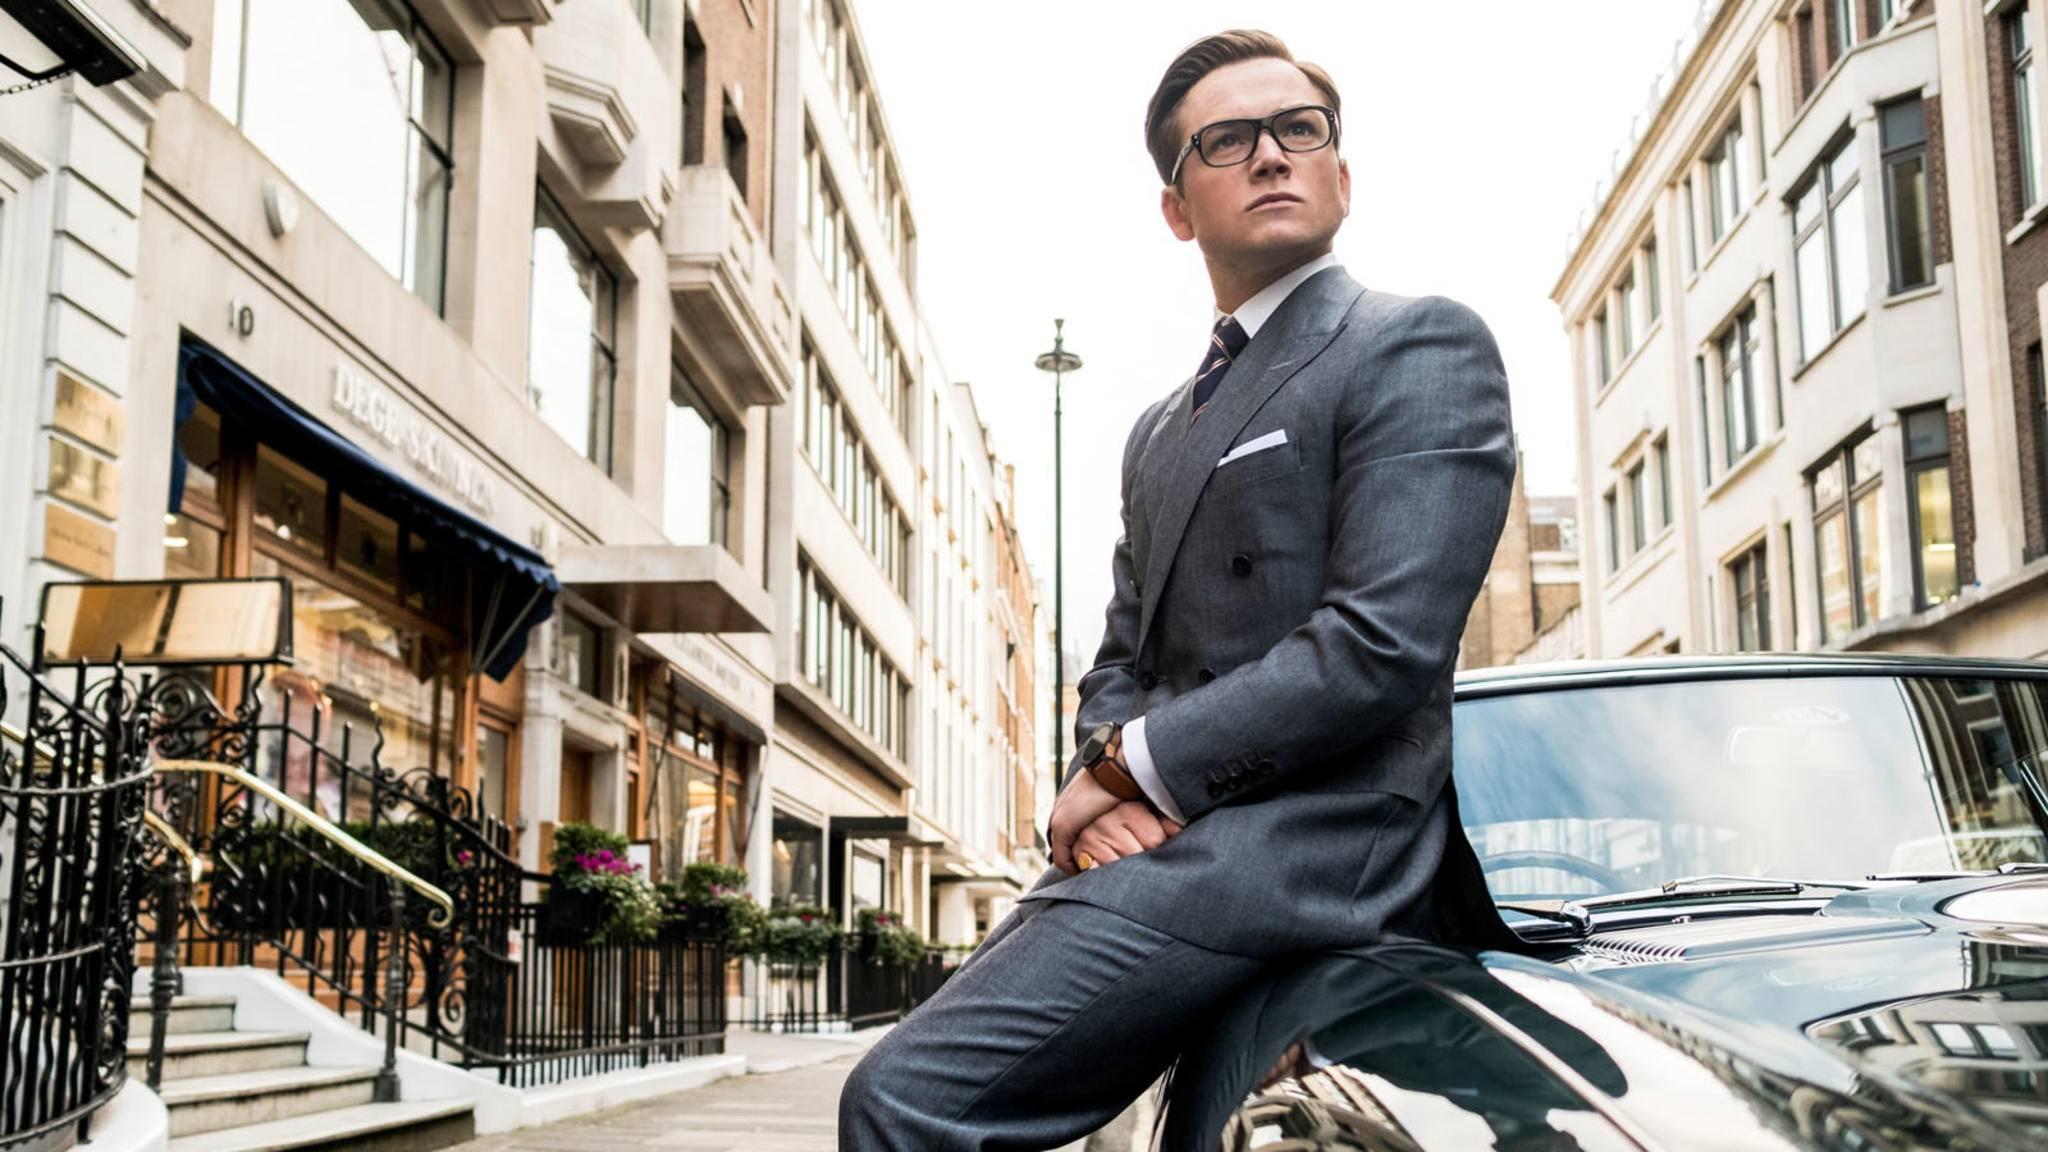 """Schnelle Autos und maßgeschneiderte Anzüge: Die """"Kingsman""""-Filme spielen mit diversen Klischees zahlreicher Agentenfilme."""